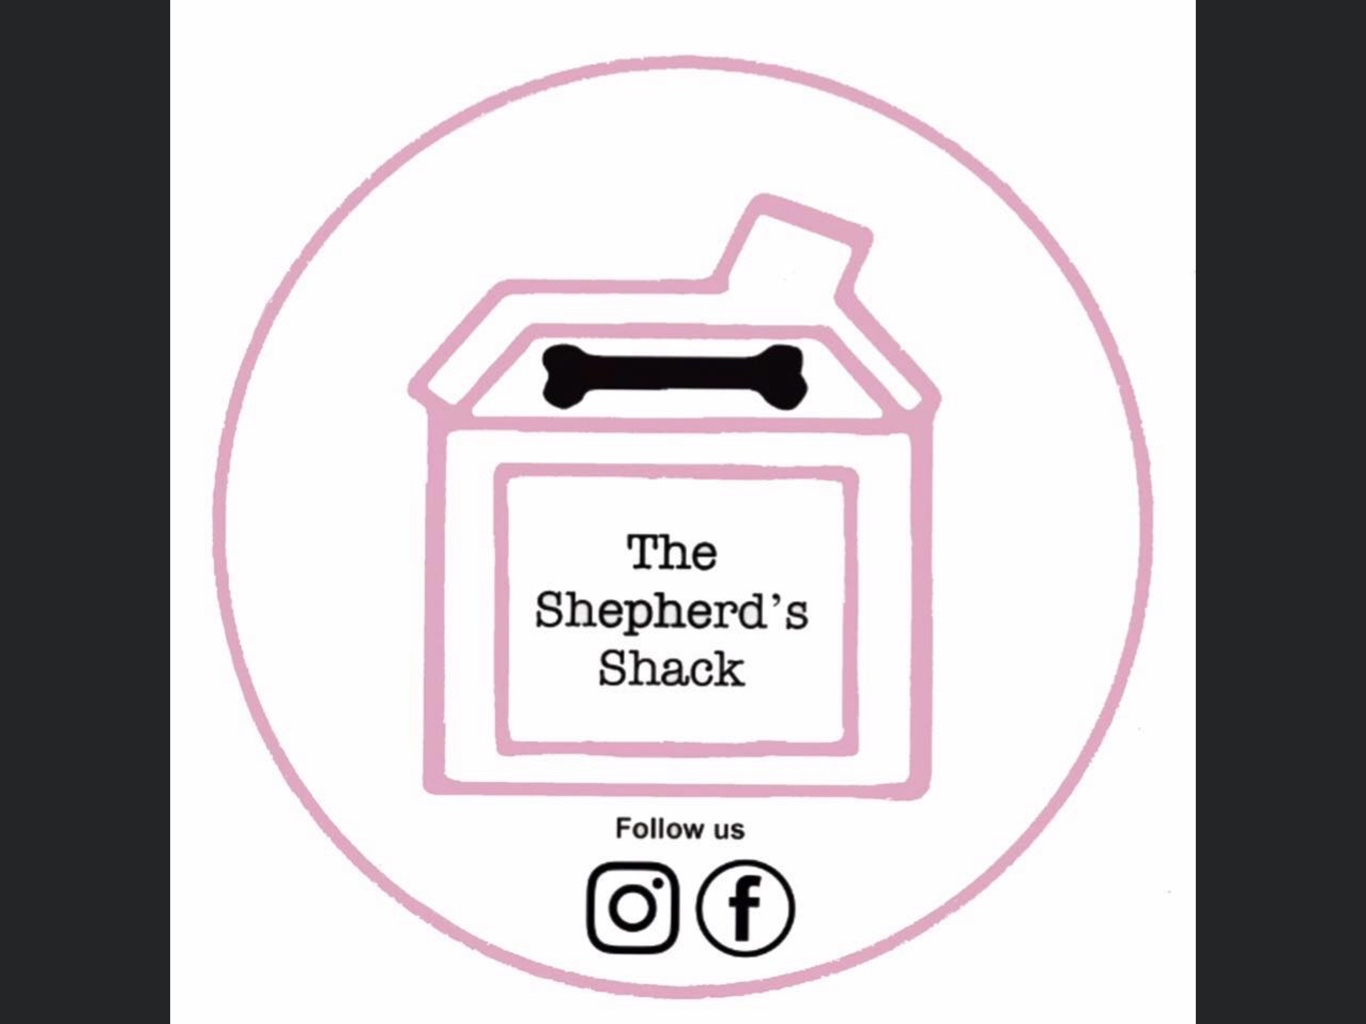 The Shepherd's Shack logo